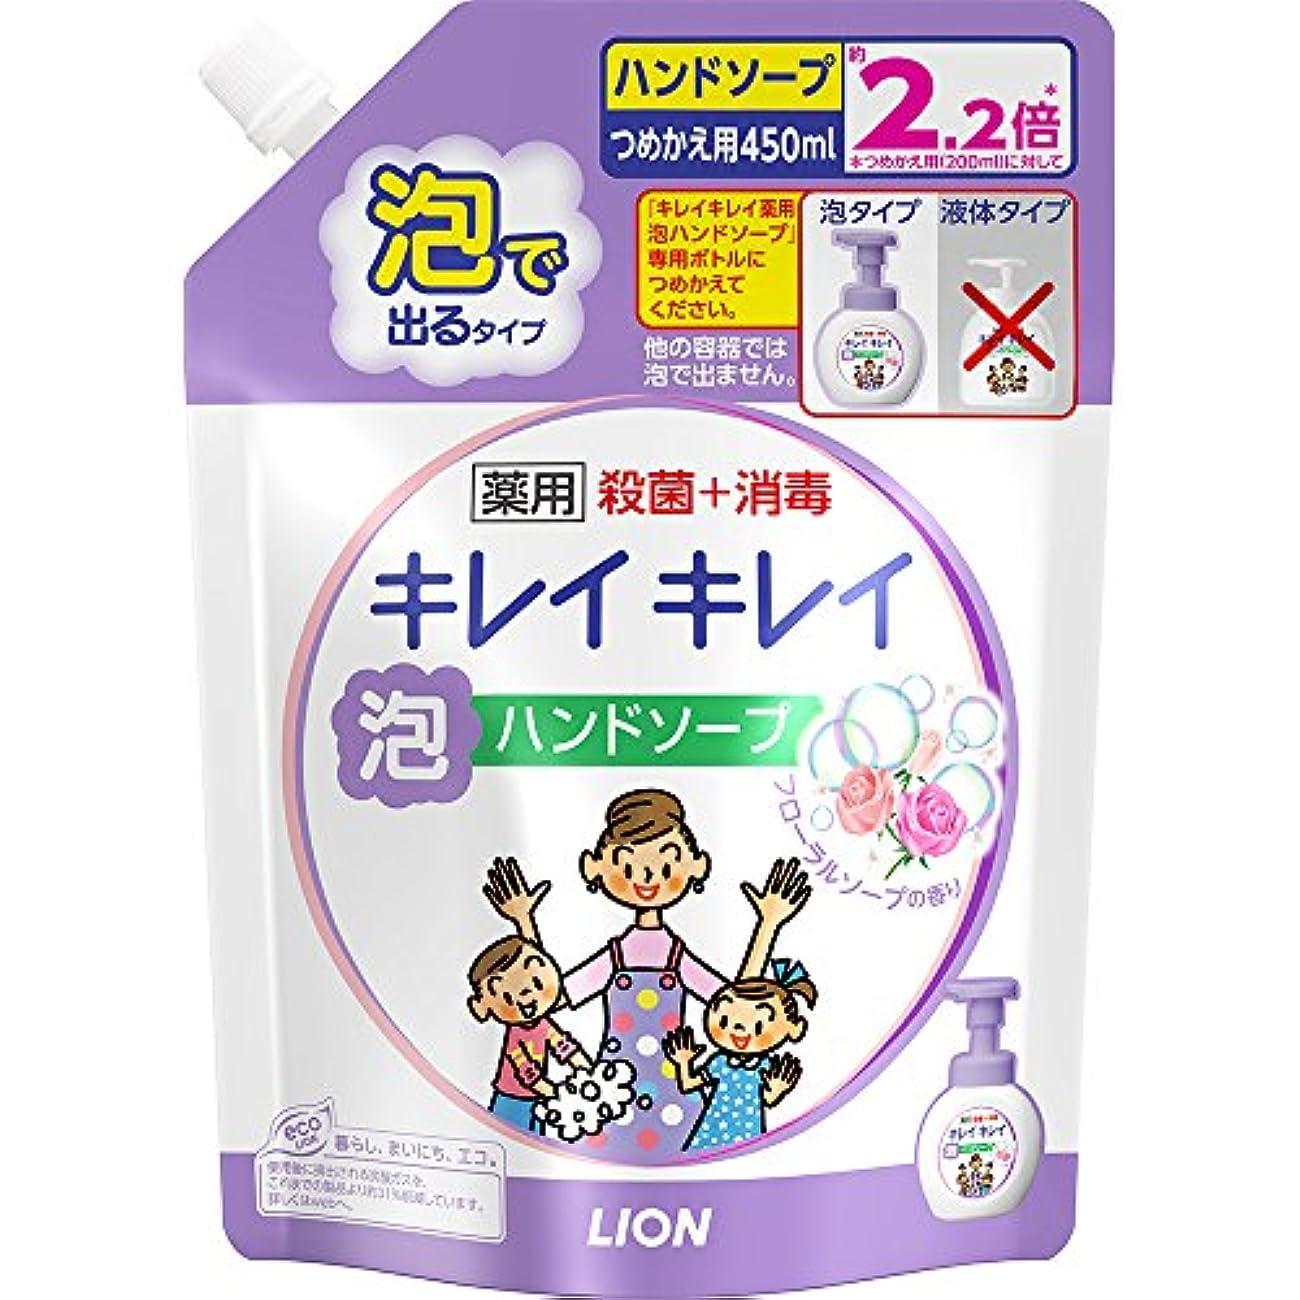 侵入する強います関税キレイキレイ 薬用 泡ハンドソープ フローラルソープの香り 詰め替え 450ml(医薬部外品)